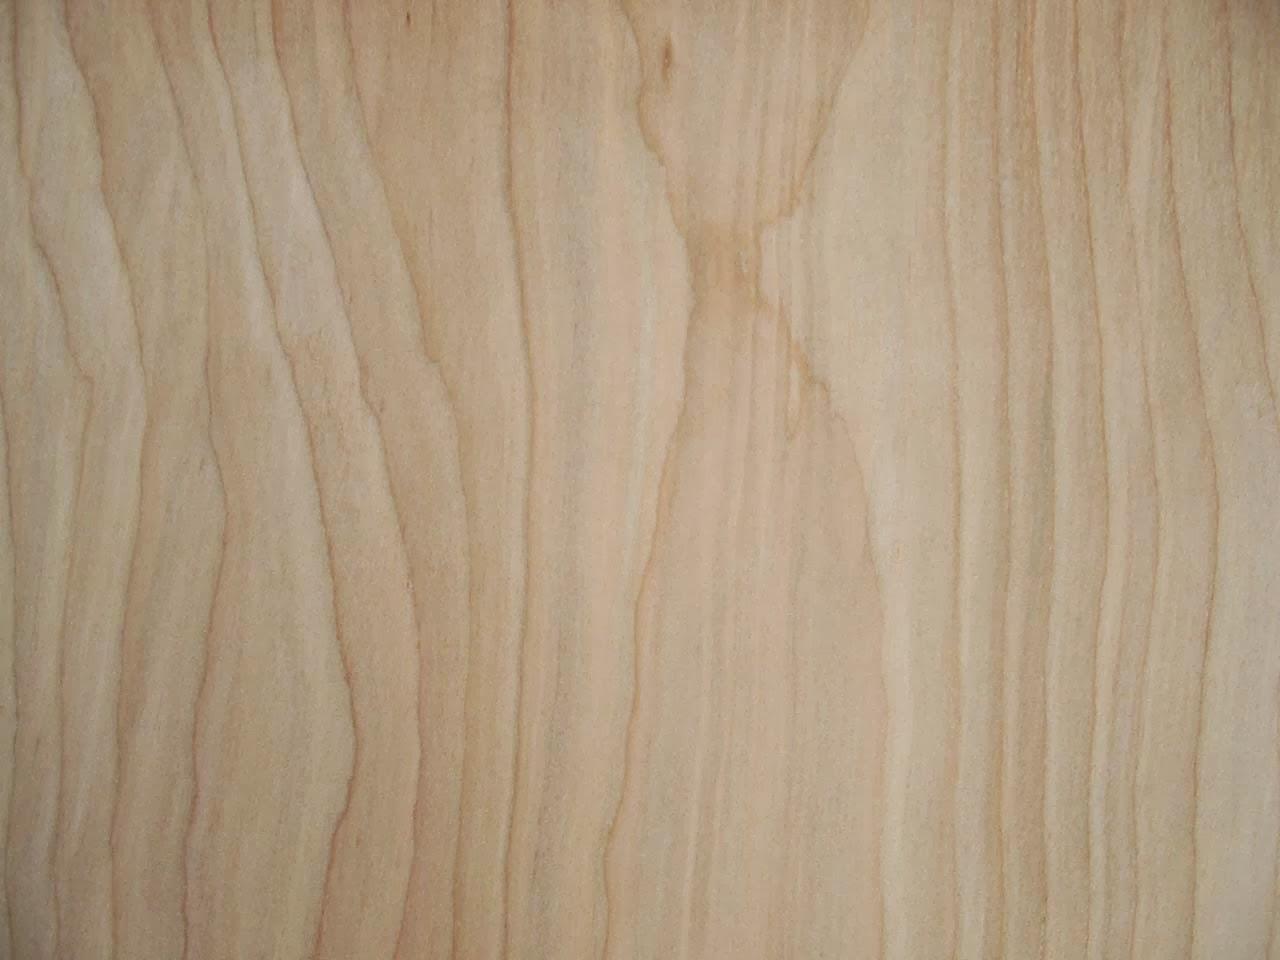 Editor audiovisuals el templat nuevas texturas de madera - Madera de abedul ...